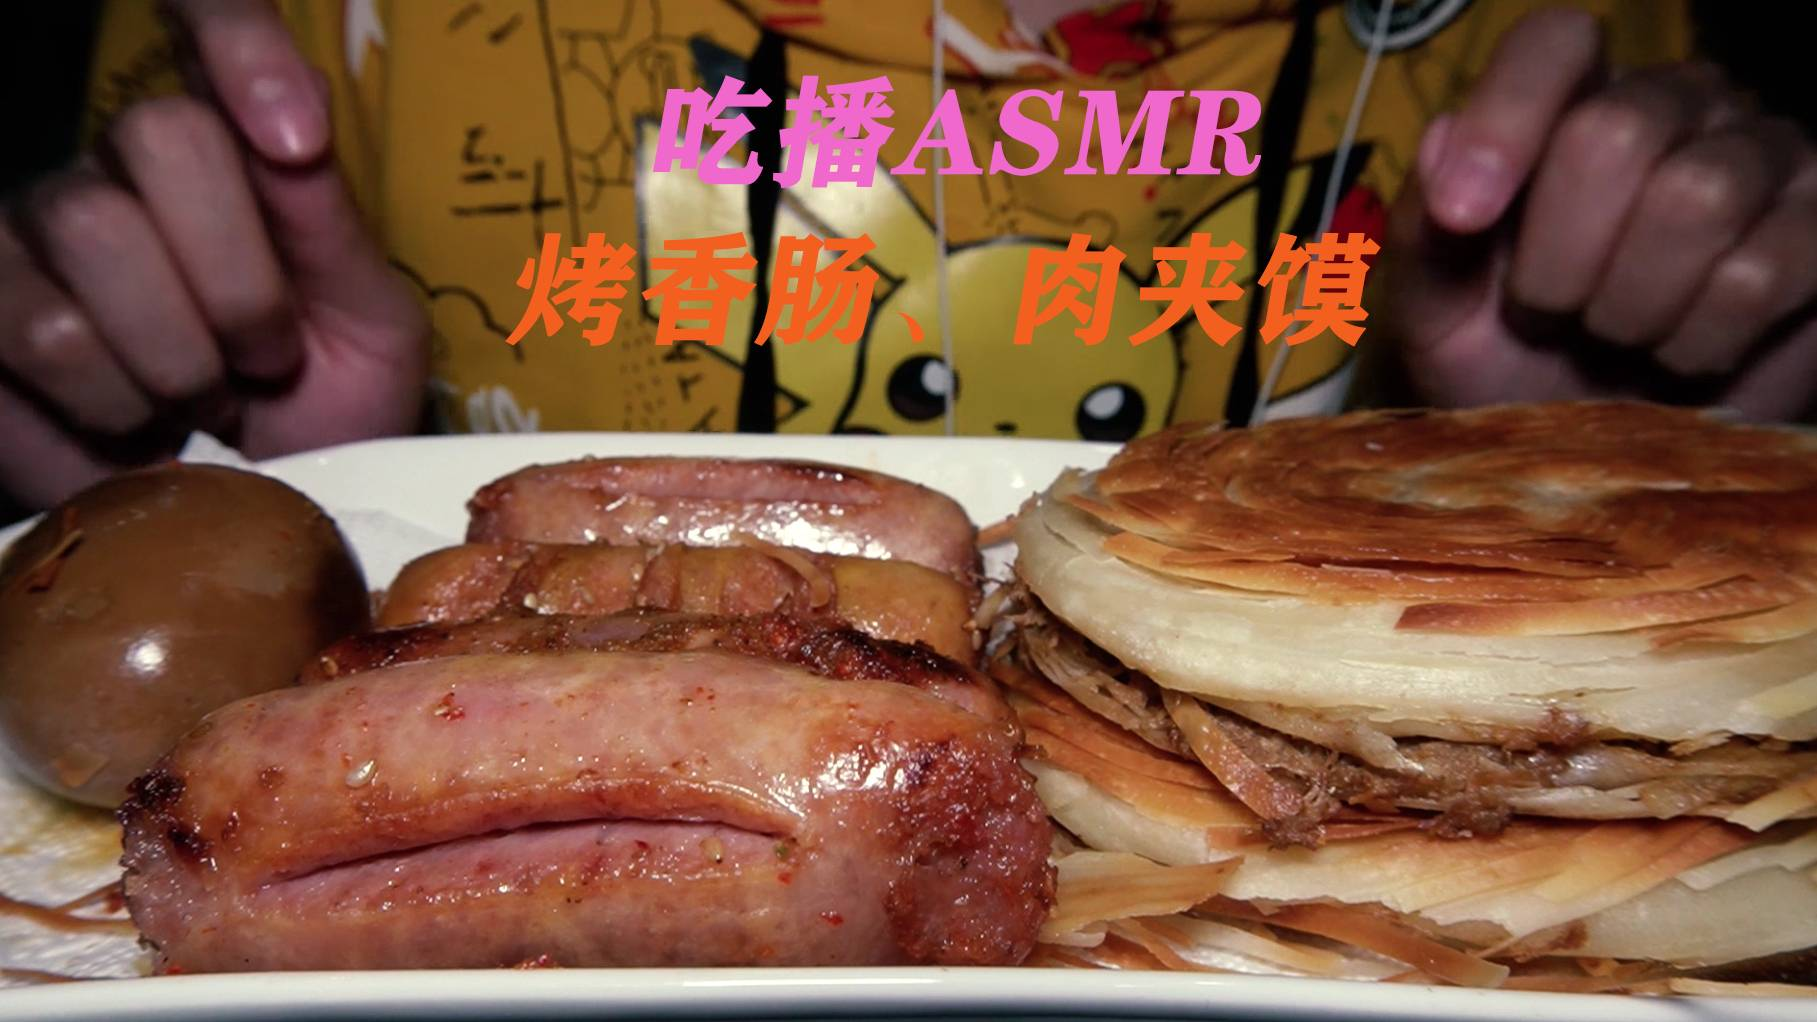 【吃播】香辣烤肠和酥脆的肉夹馍,吃的好饱啊~